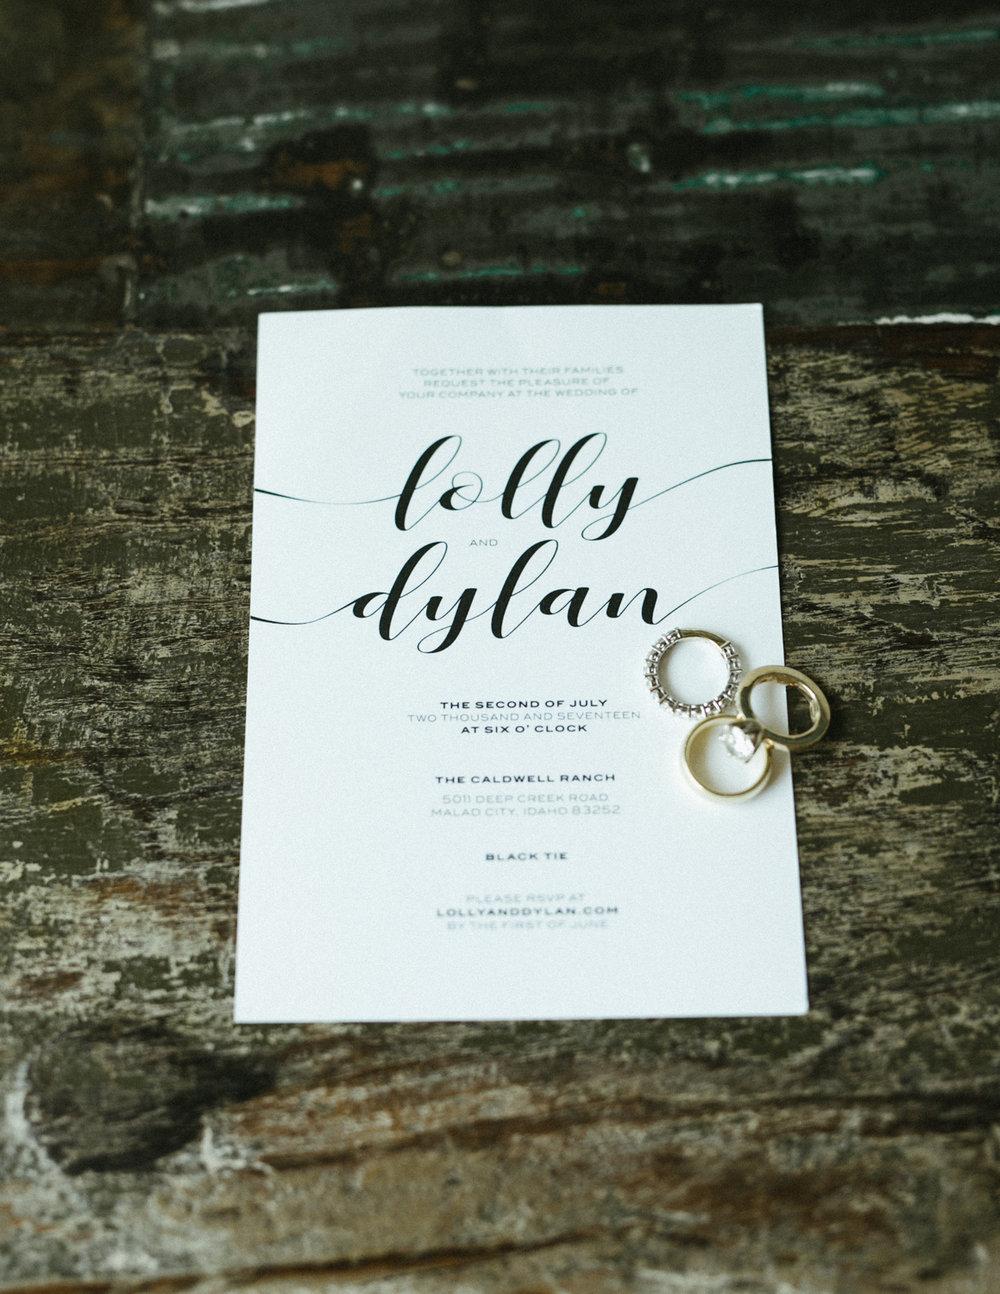 lolly_dylan-20.jpg